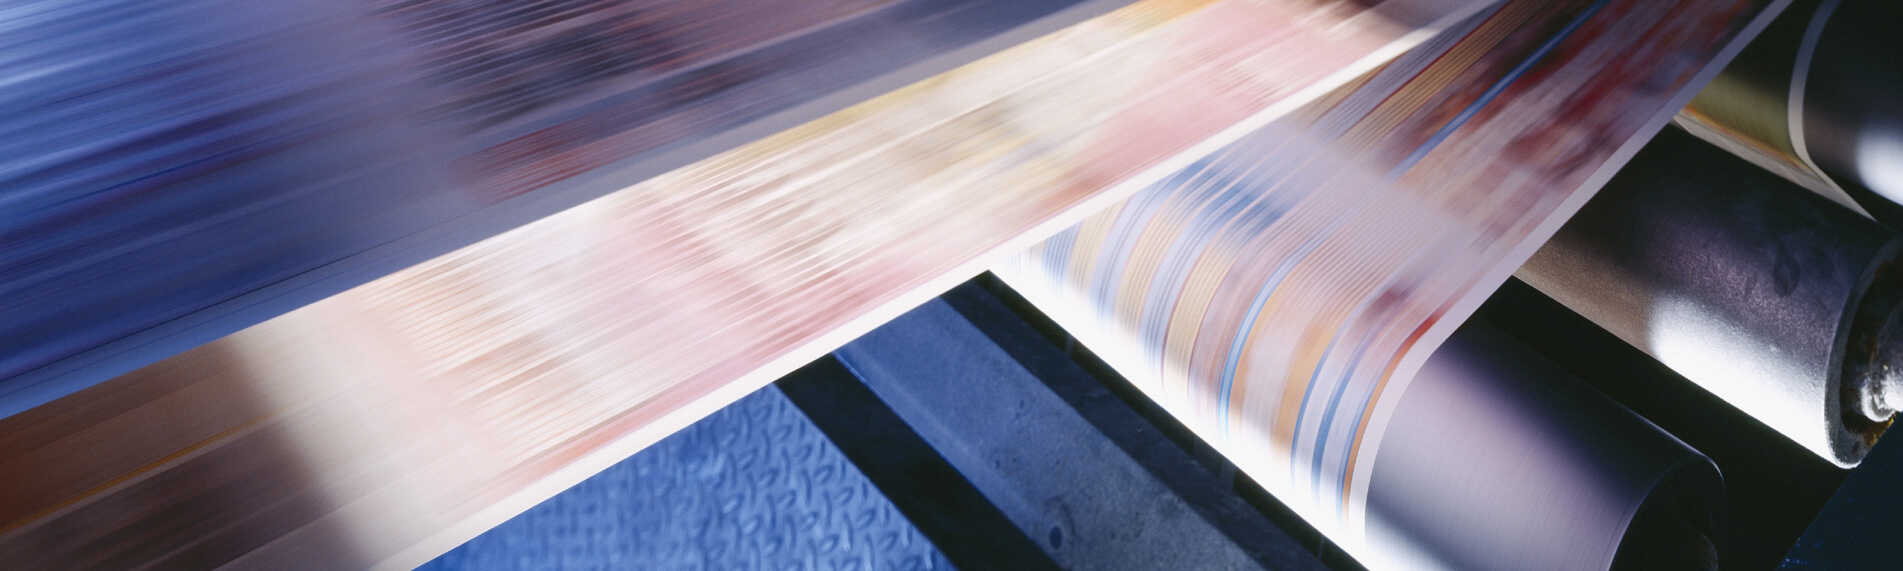 Befugtning og fugtstyring løser problemer i printprocesser og trykkerier